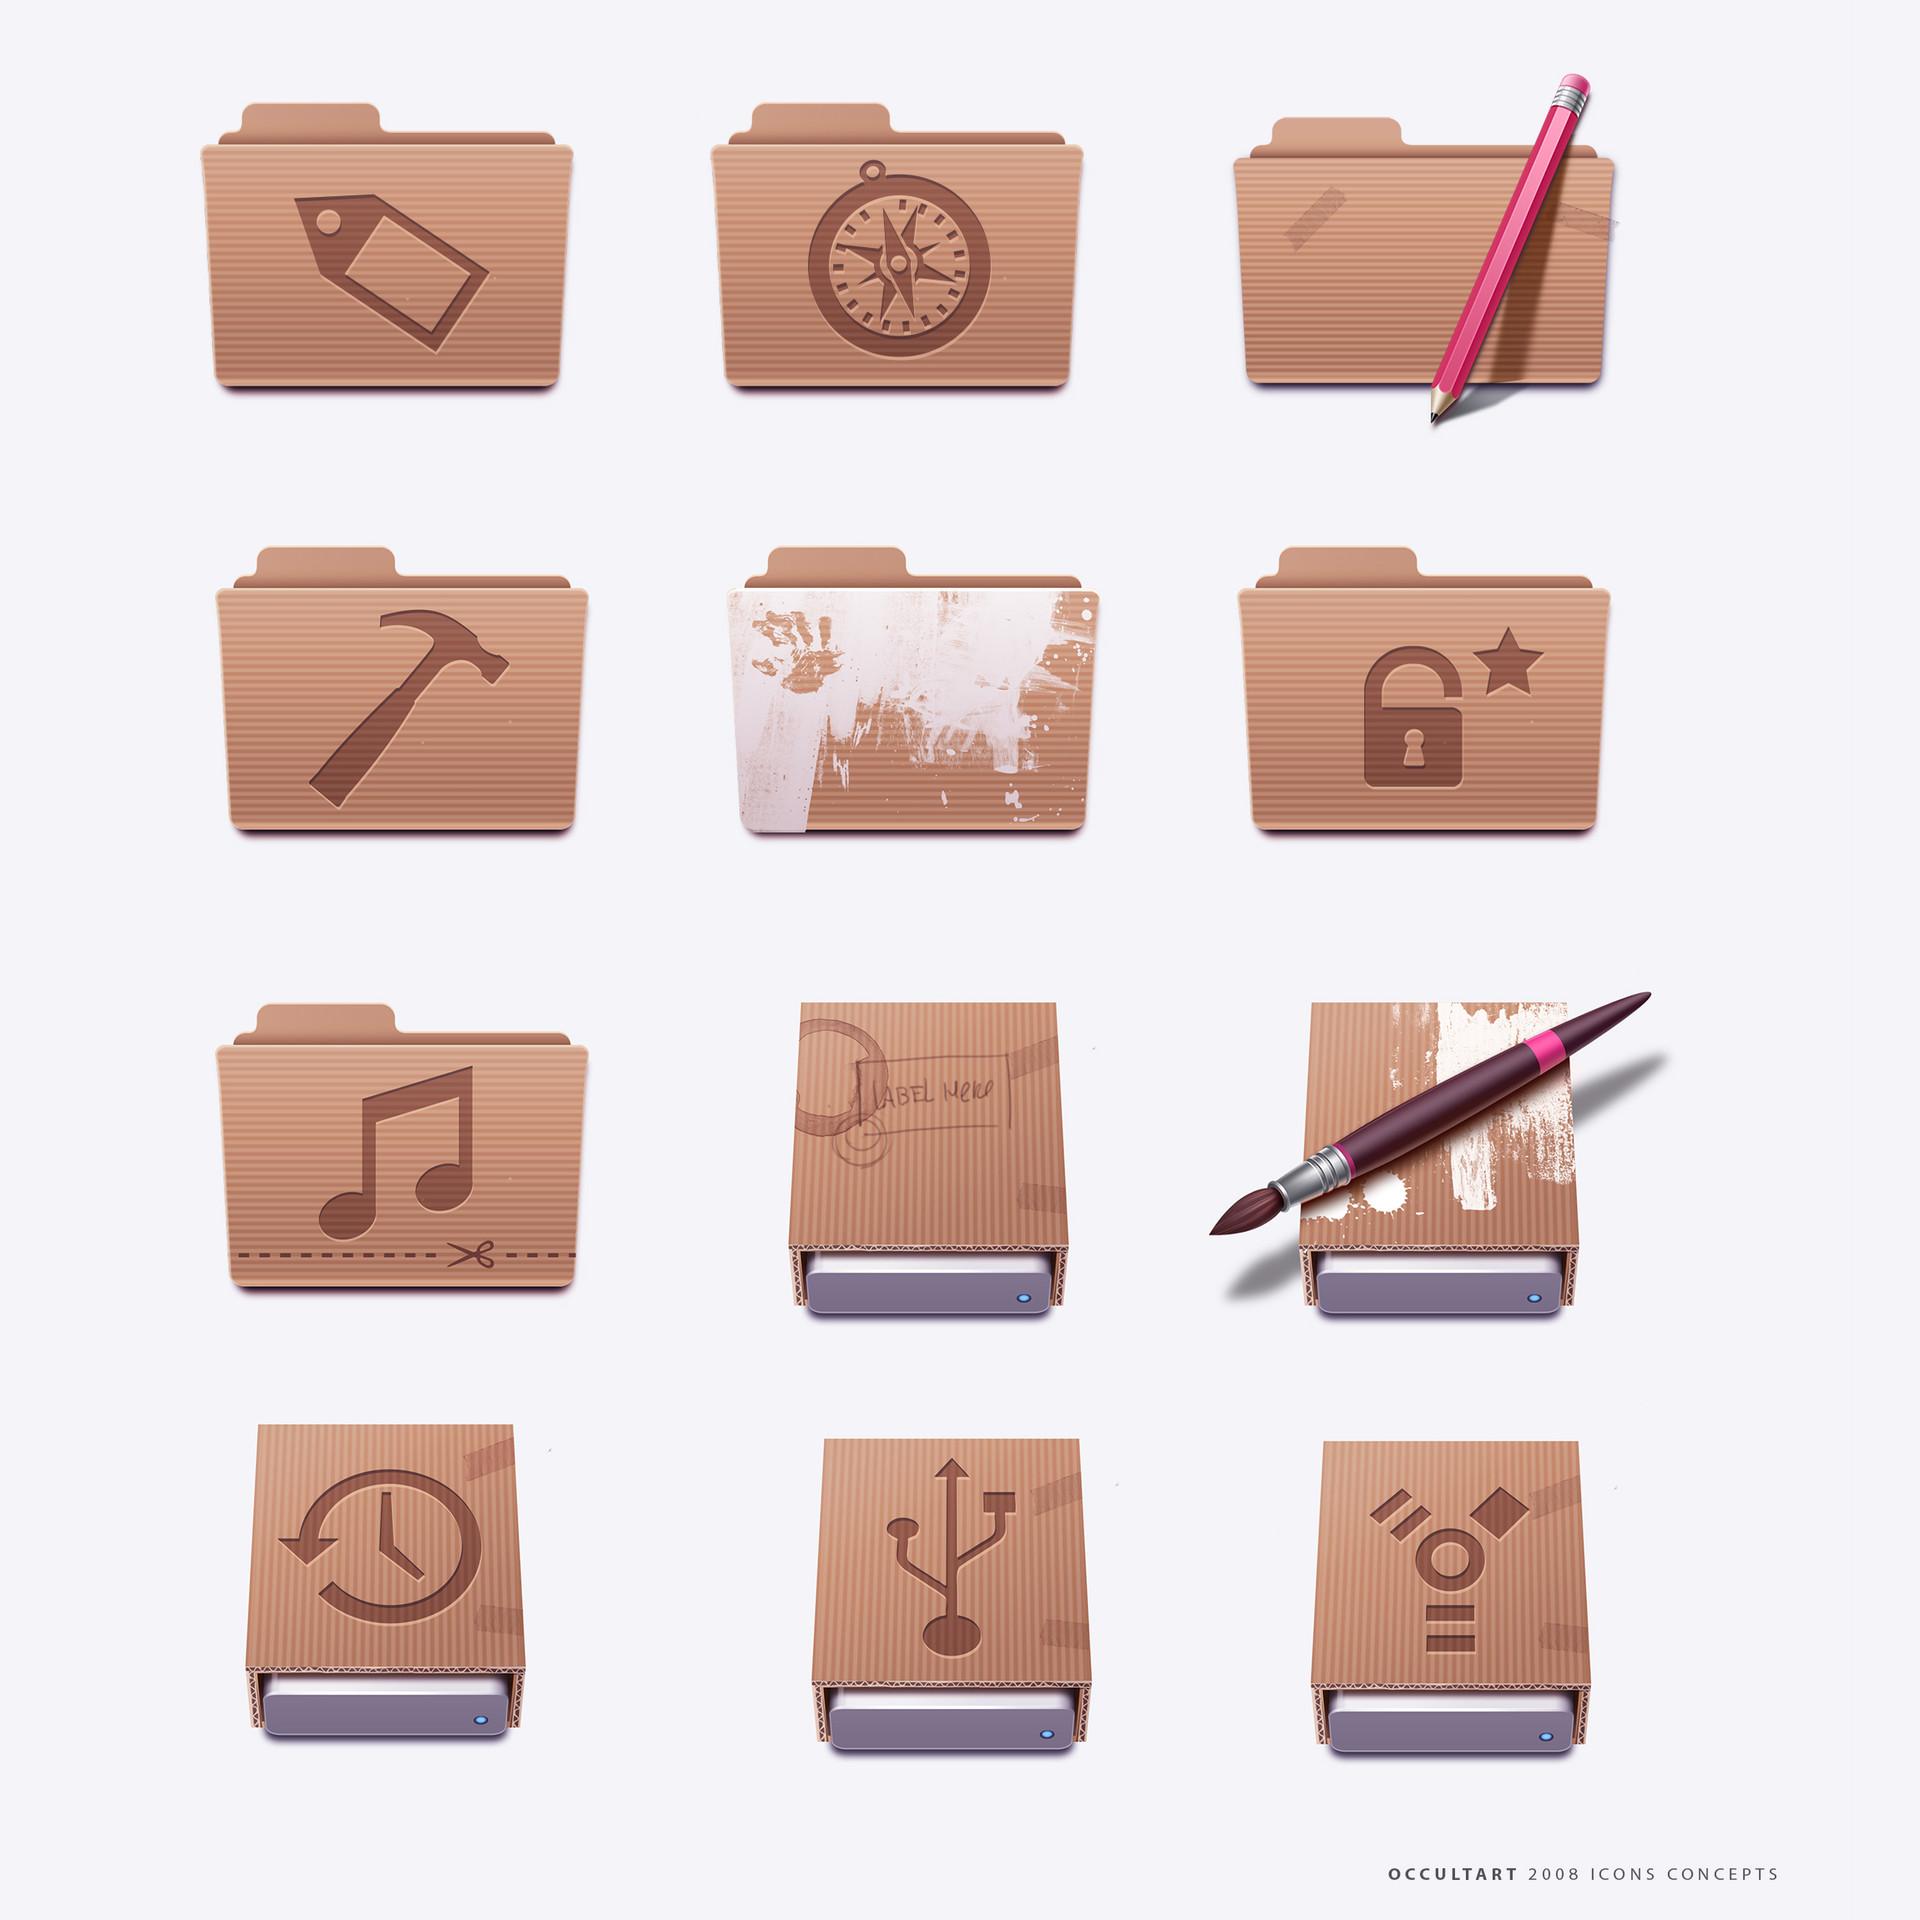 Occultart   folders 01 v01 07 2008 12 02 1 van 2 b